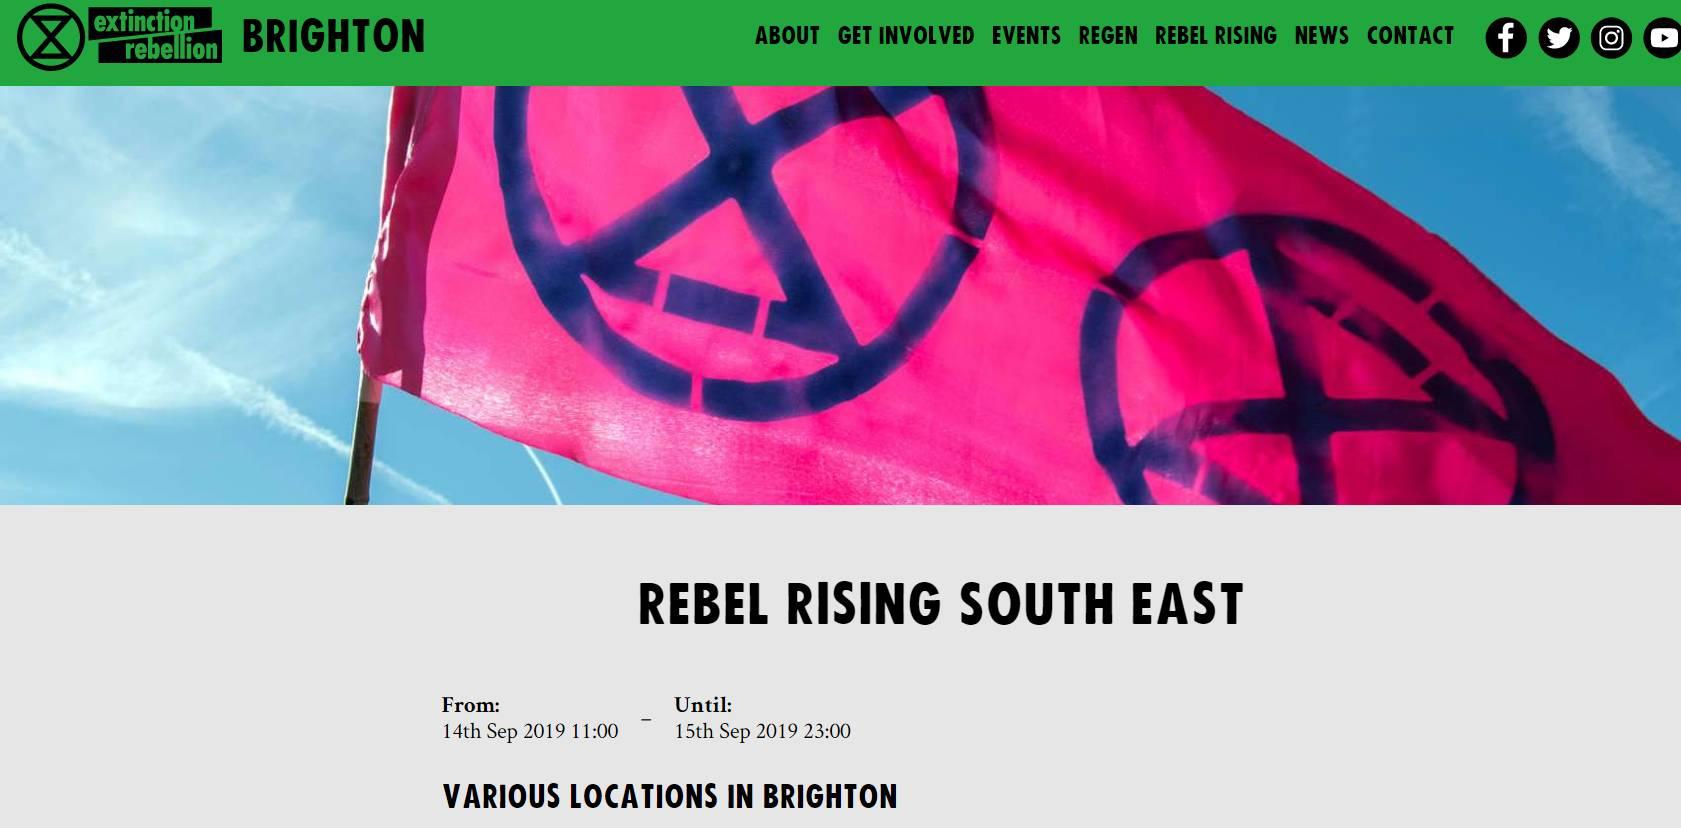 Rebel_Rising_South_East_Extinction_Rebellion_Brighton_-_2019-08-30_21.14.43.jpg